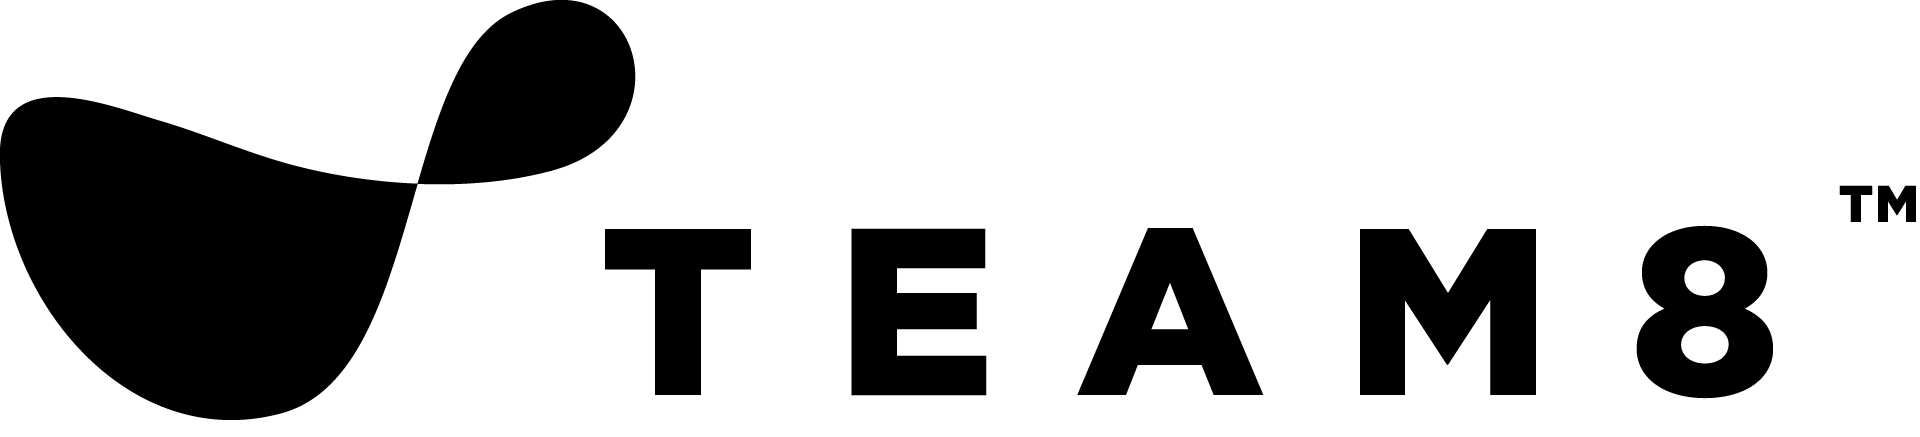 full_horizontal_white_bg